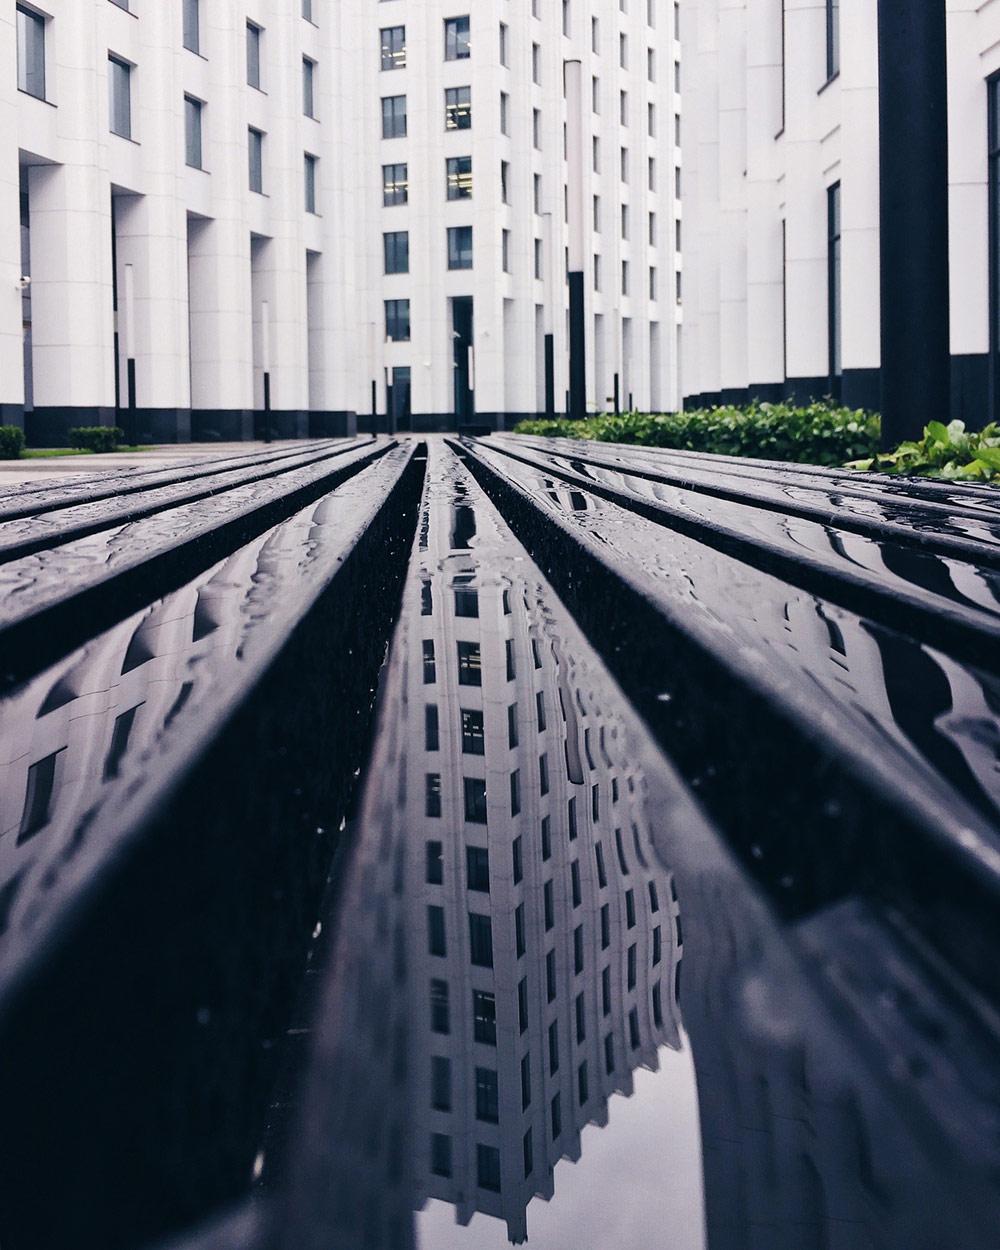 Карпанова Анастасия /После дождя, 3 место в категории « Архитектурная фотография», Фотоконкурс «Планета Москва»